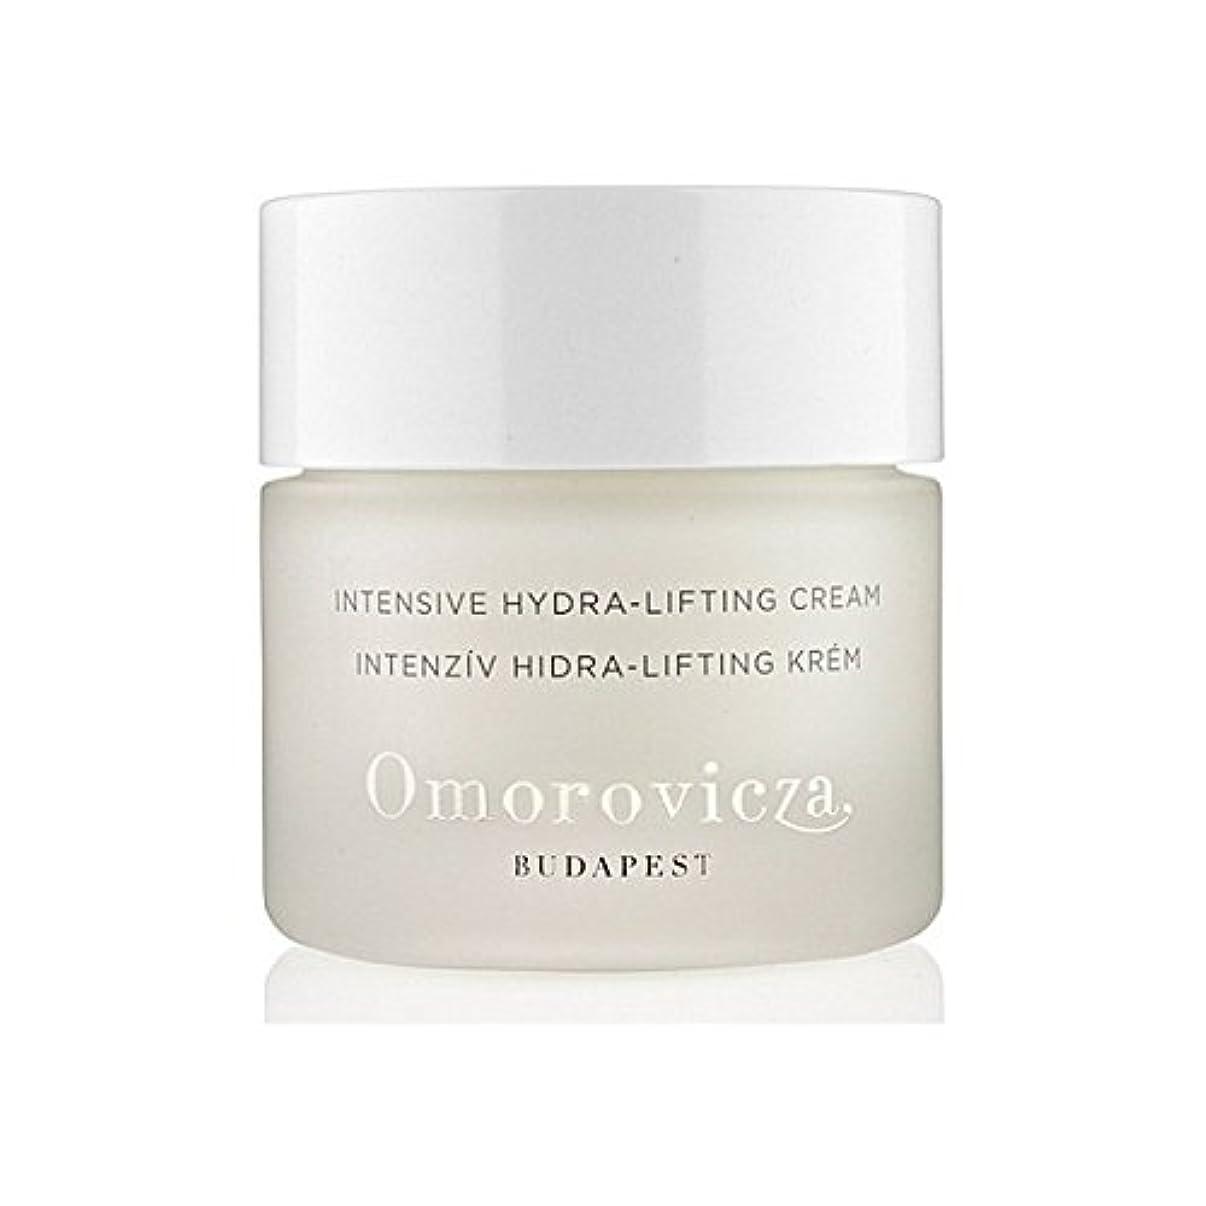 複製ネット王位集中的なヒドラリフティングクリーム50 x4 - Omorovicza Intensive Hydra-Lifting Cream 50Ml (Pack of 4) [並行輸入品]